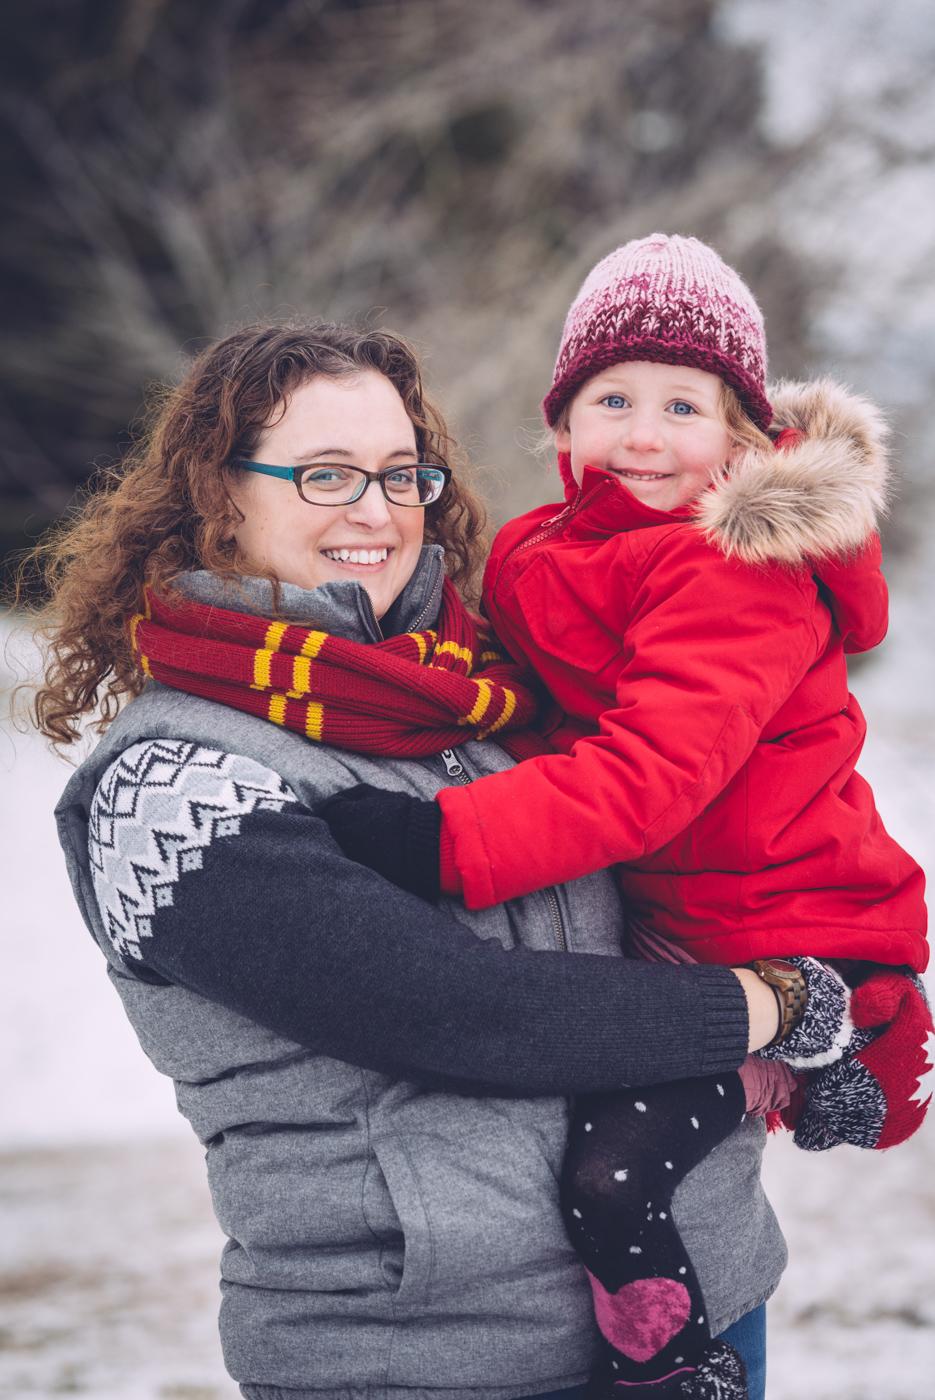 jason_family_portraits_blog10.jpg